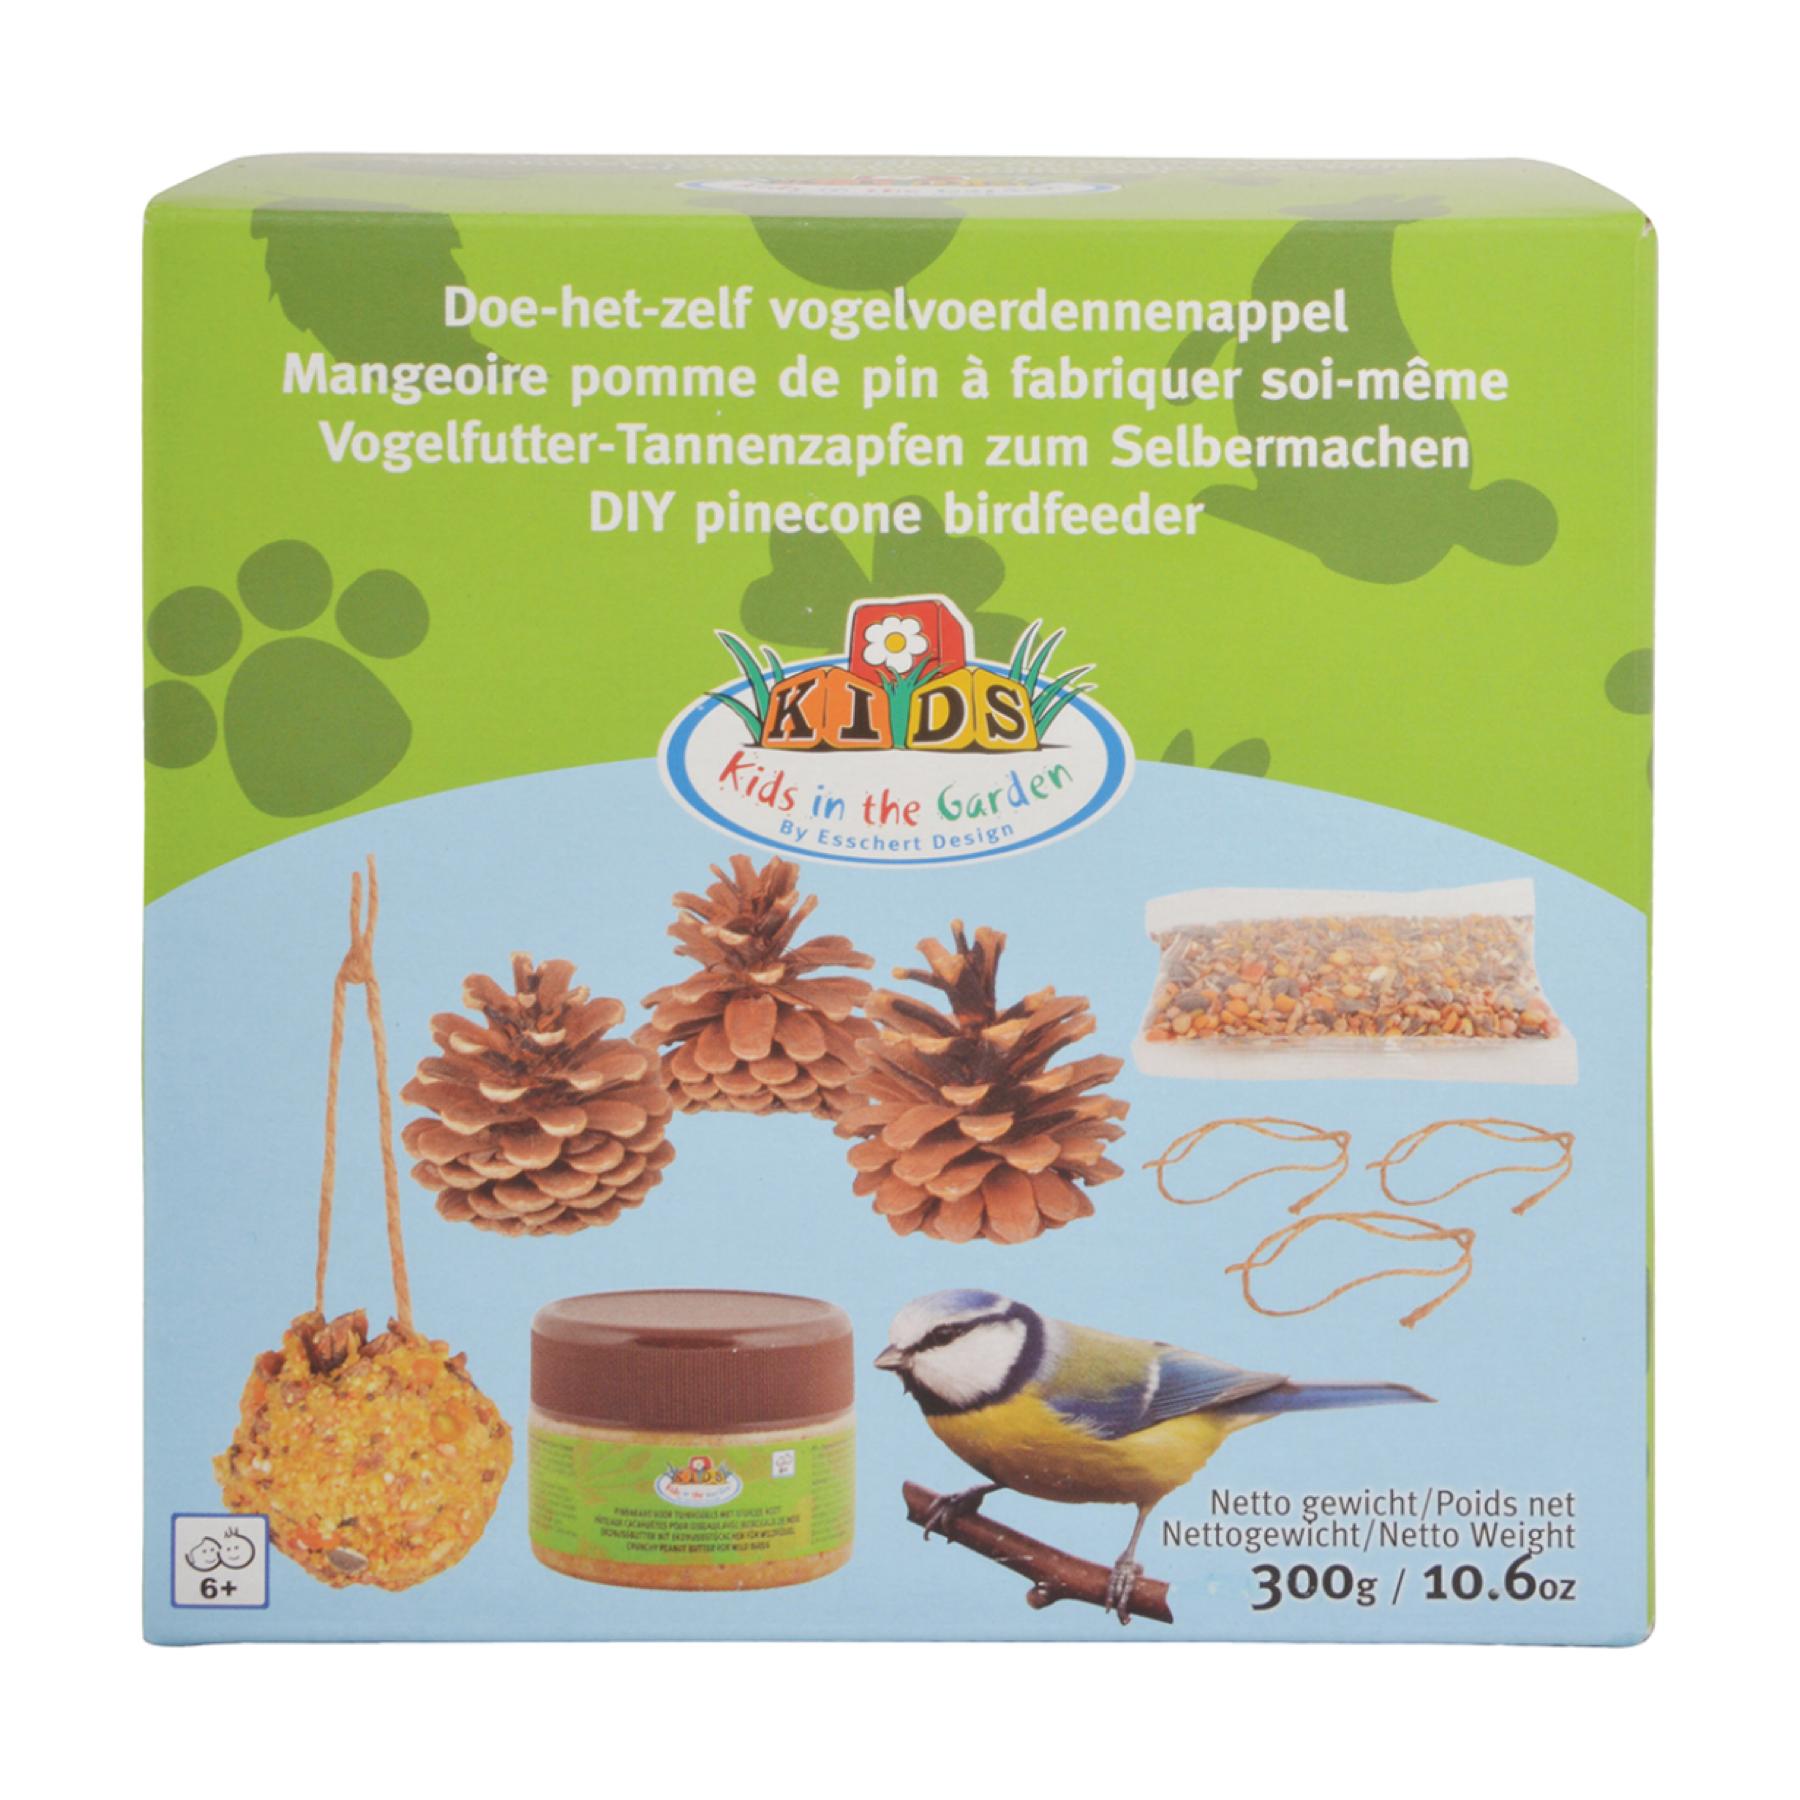 Mangeoire à oiseaux pomme de pin à fabriquer soi-même DIY